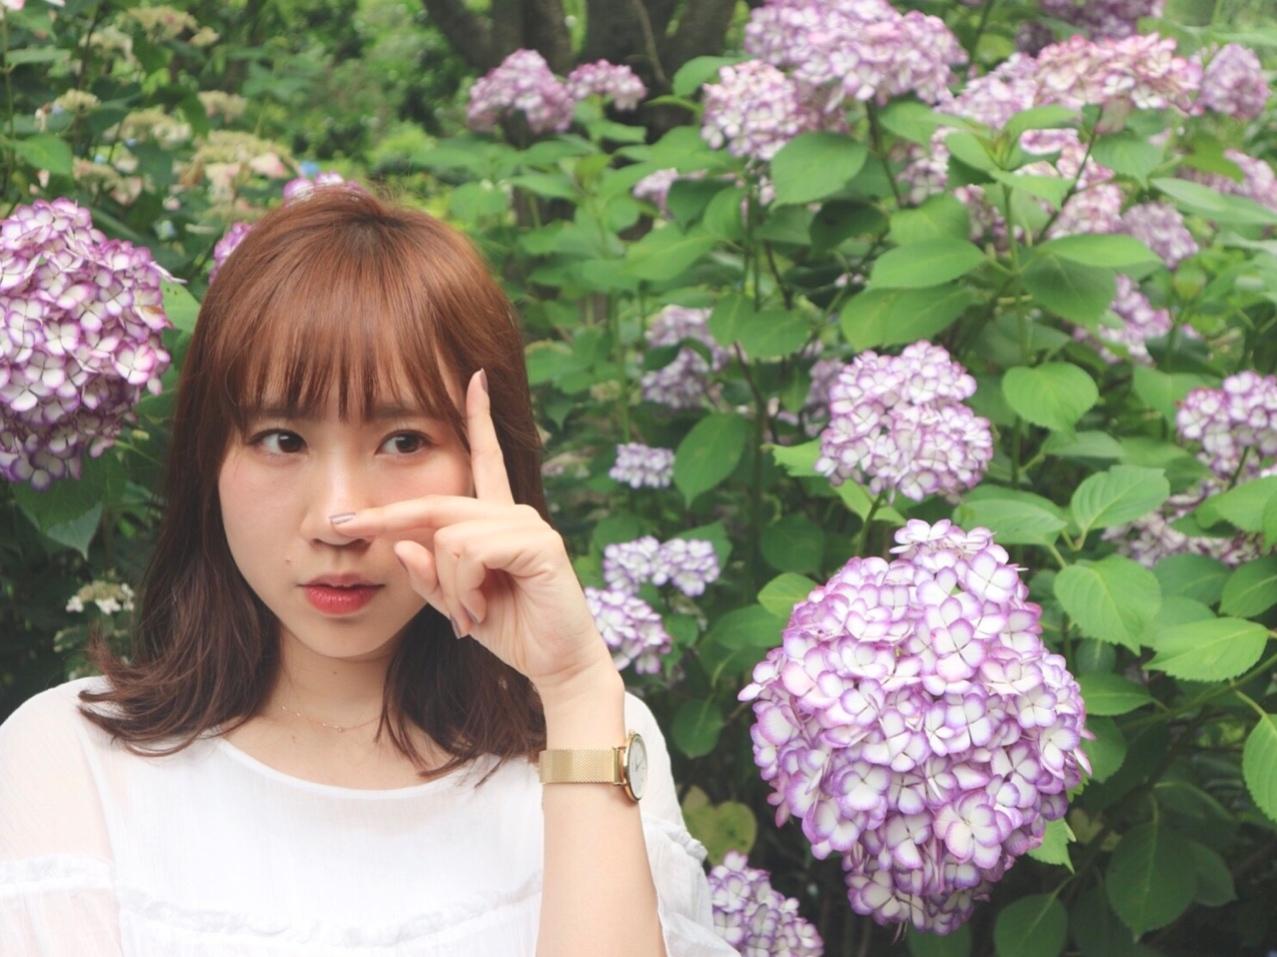 オススメ紫陽花スポット ⸌◦̈⃝⸍❁⃘_1_5